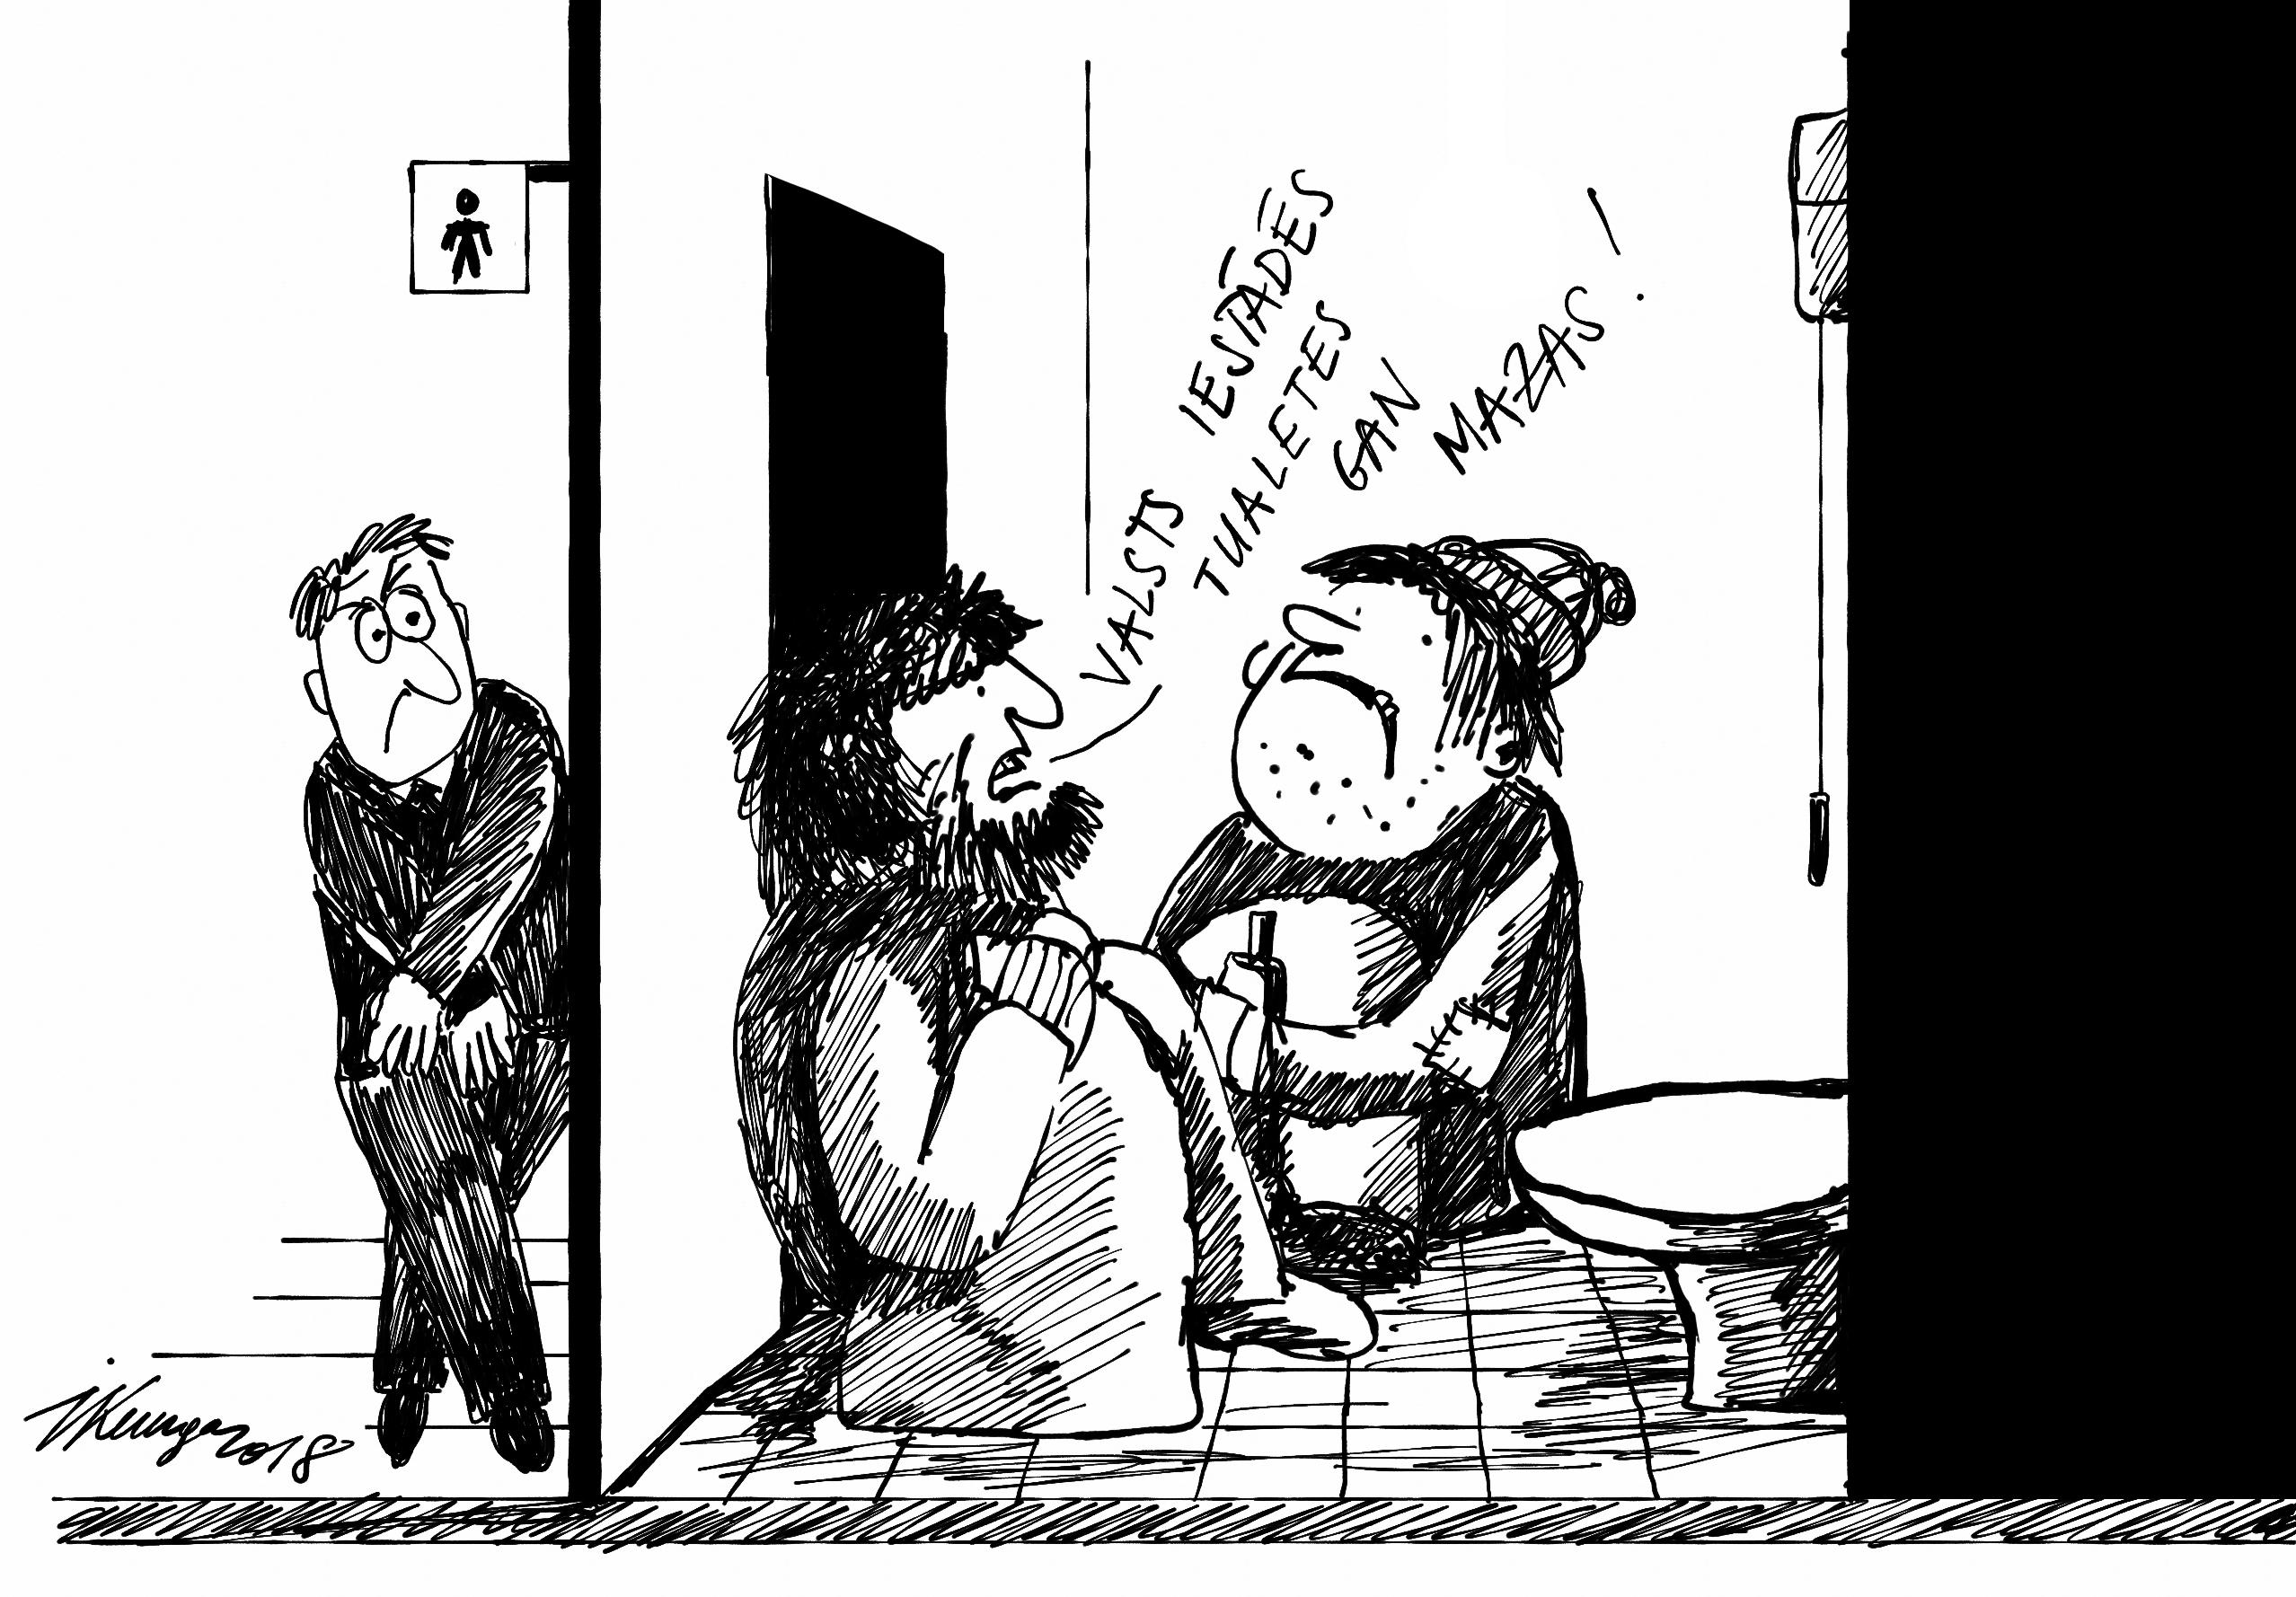 Karikatura_24-01-2018 Valsts iestādēs tualetes par mazu lai varētu visi tajās sildīties.